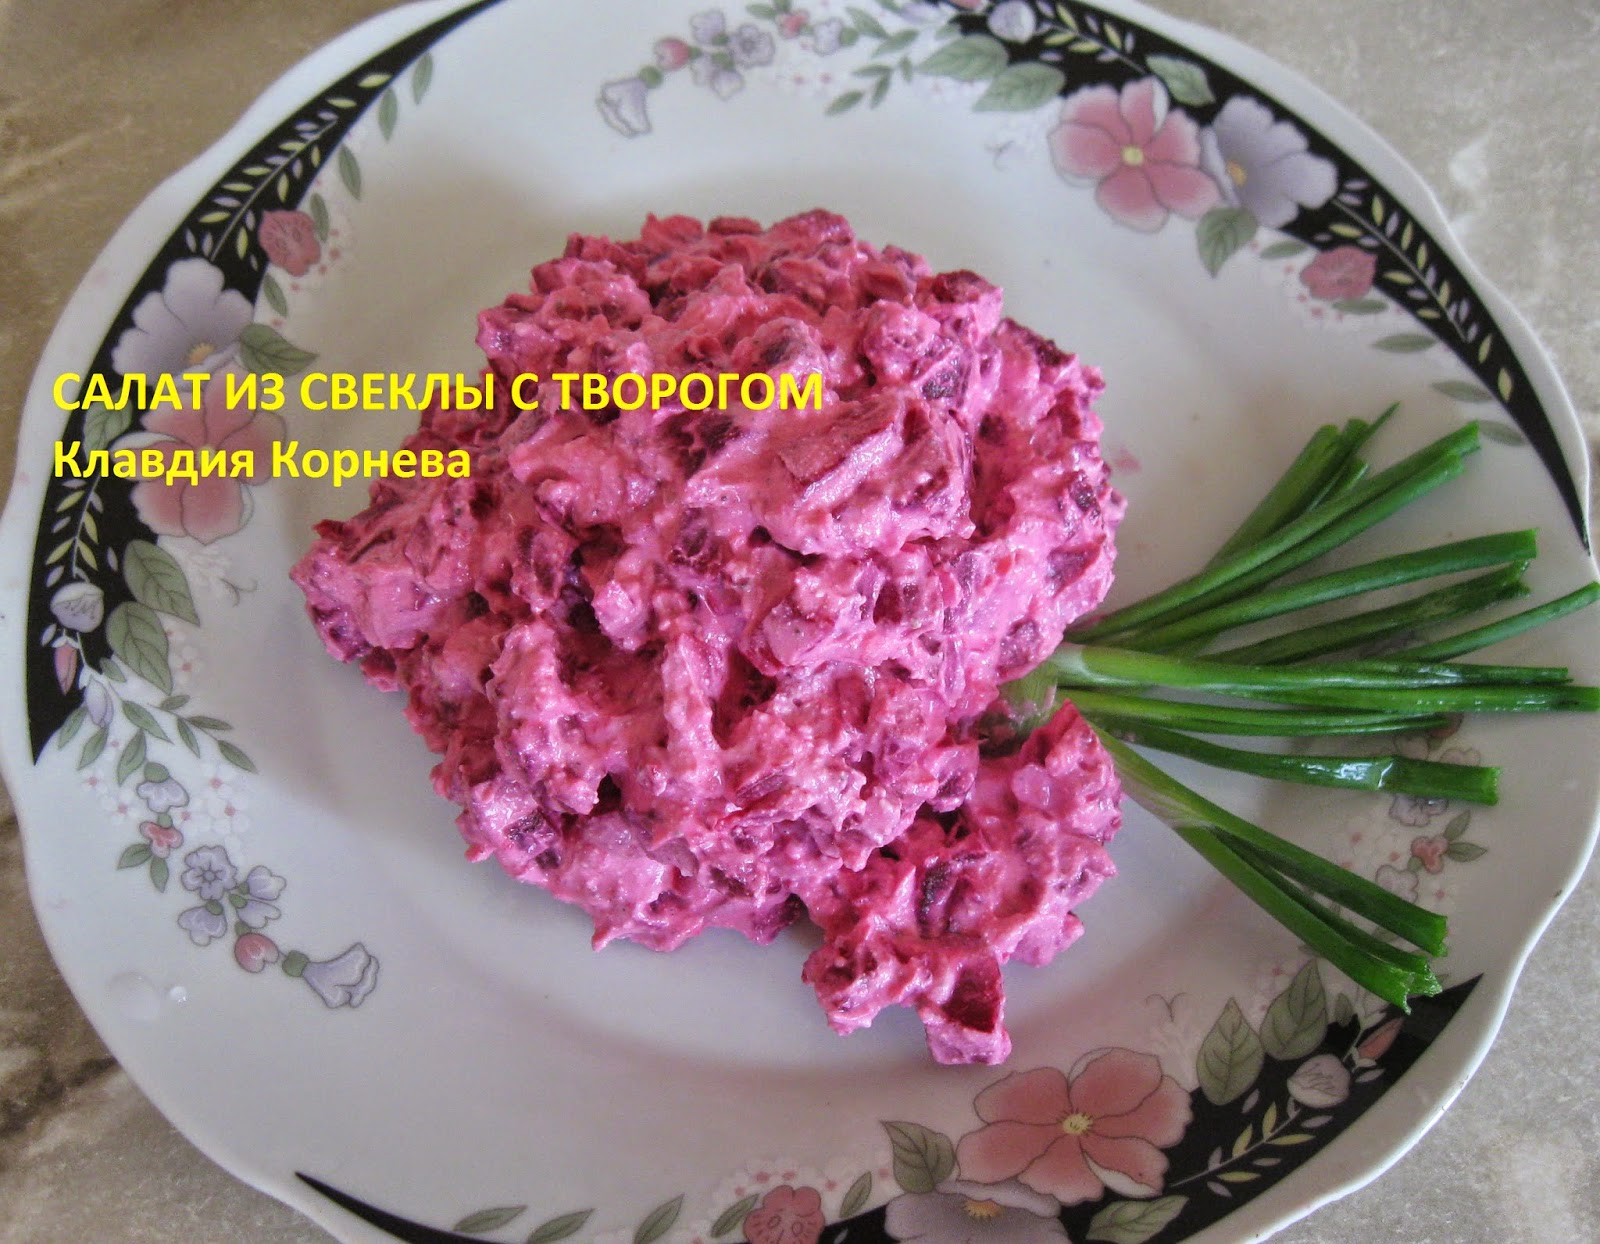 Салаты из свеклы диетические рецепты с простые и вкусные рецепты